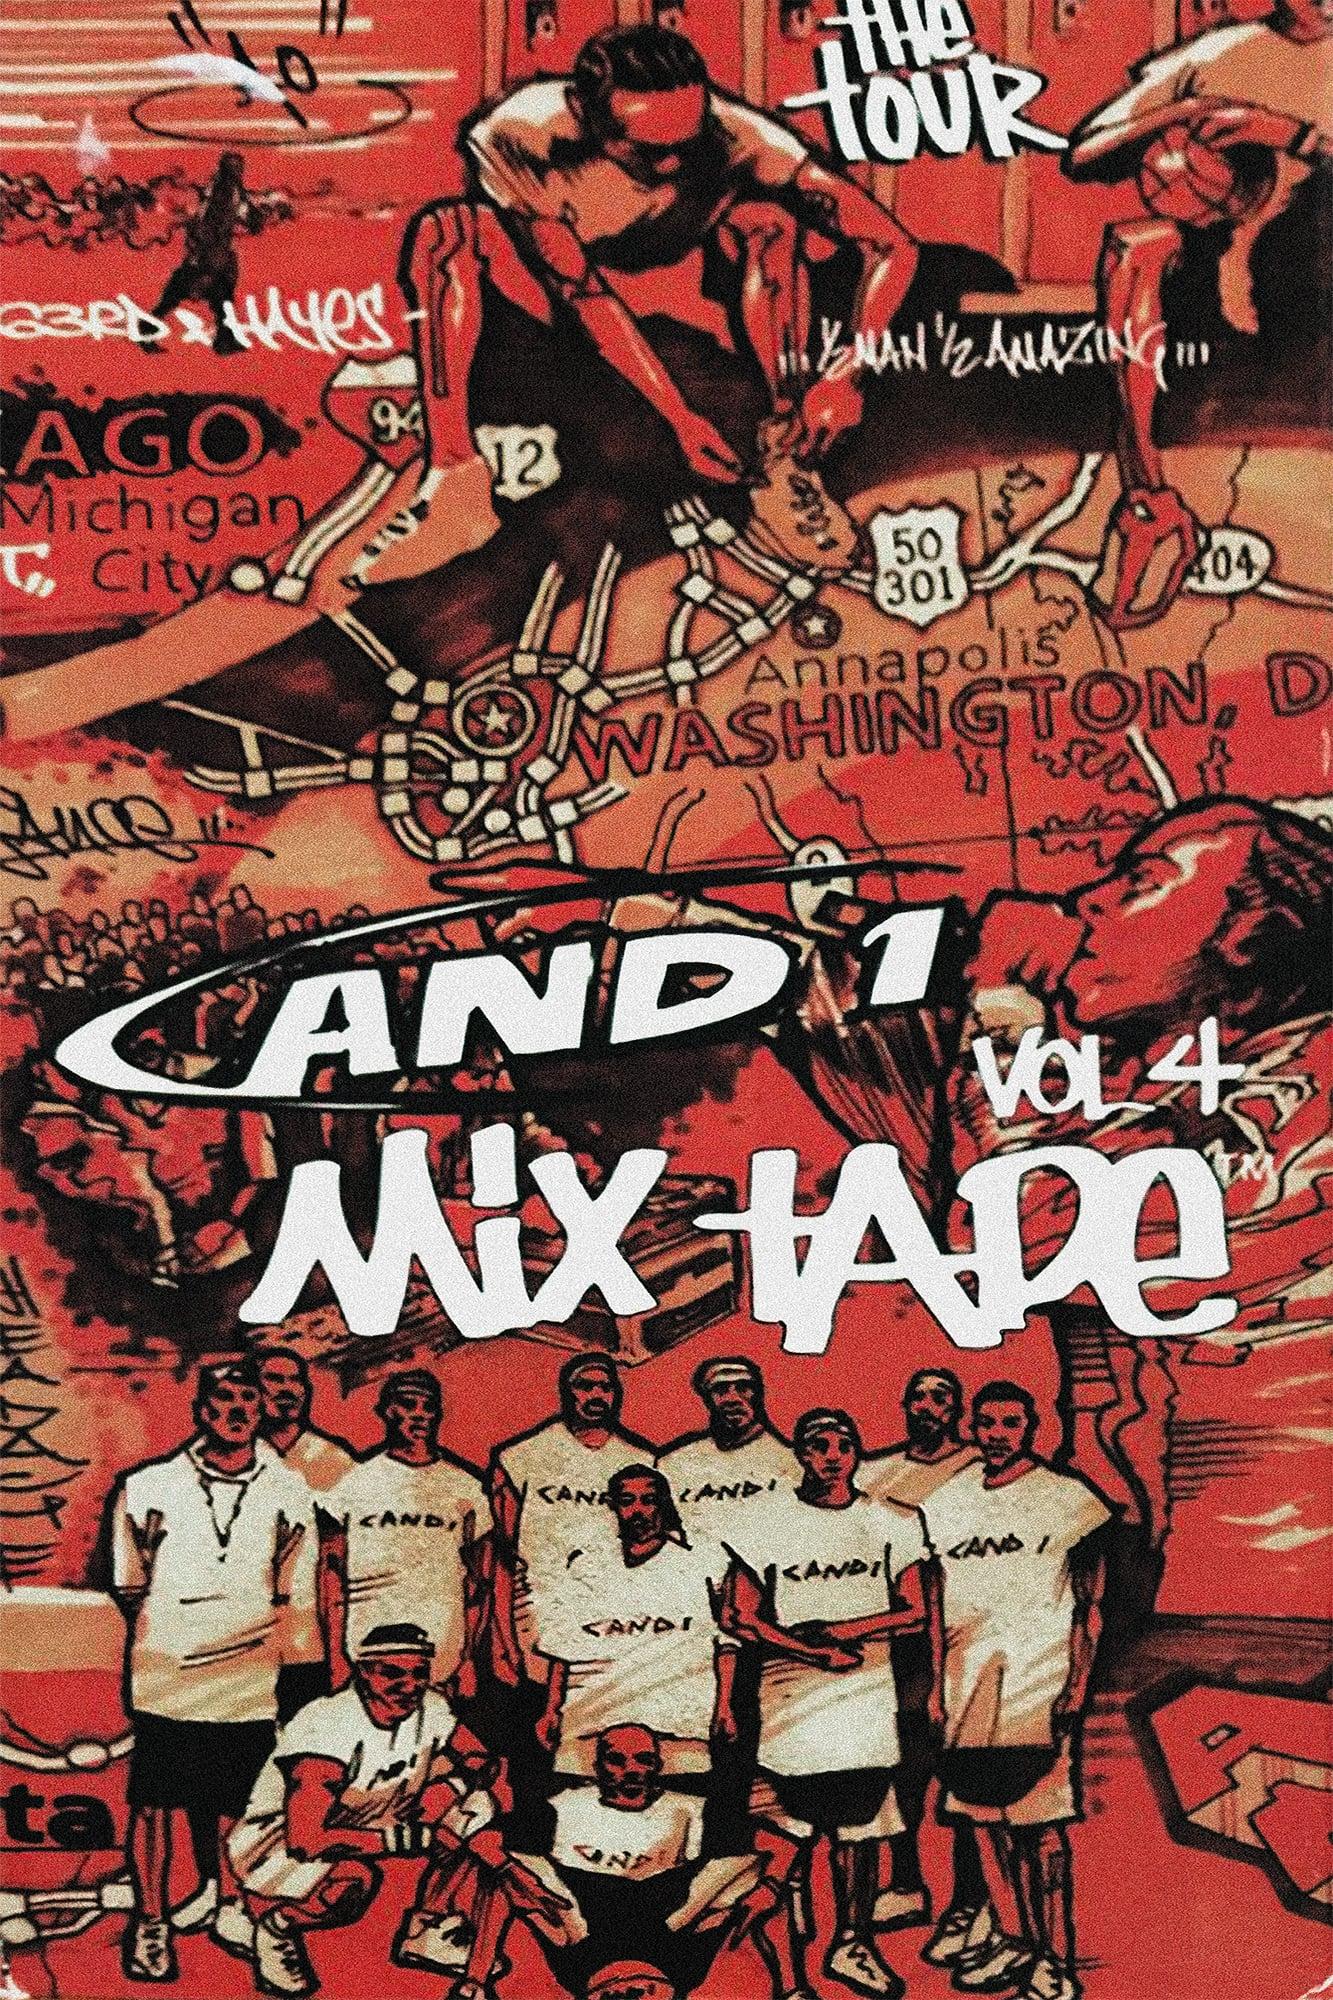 AND1 Mixtape Vol. 4